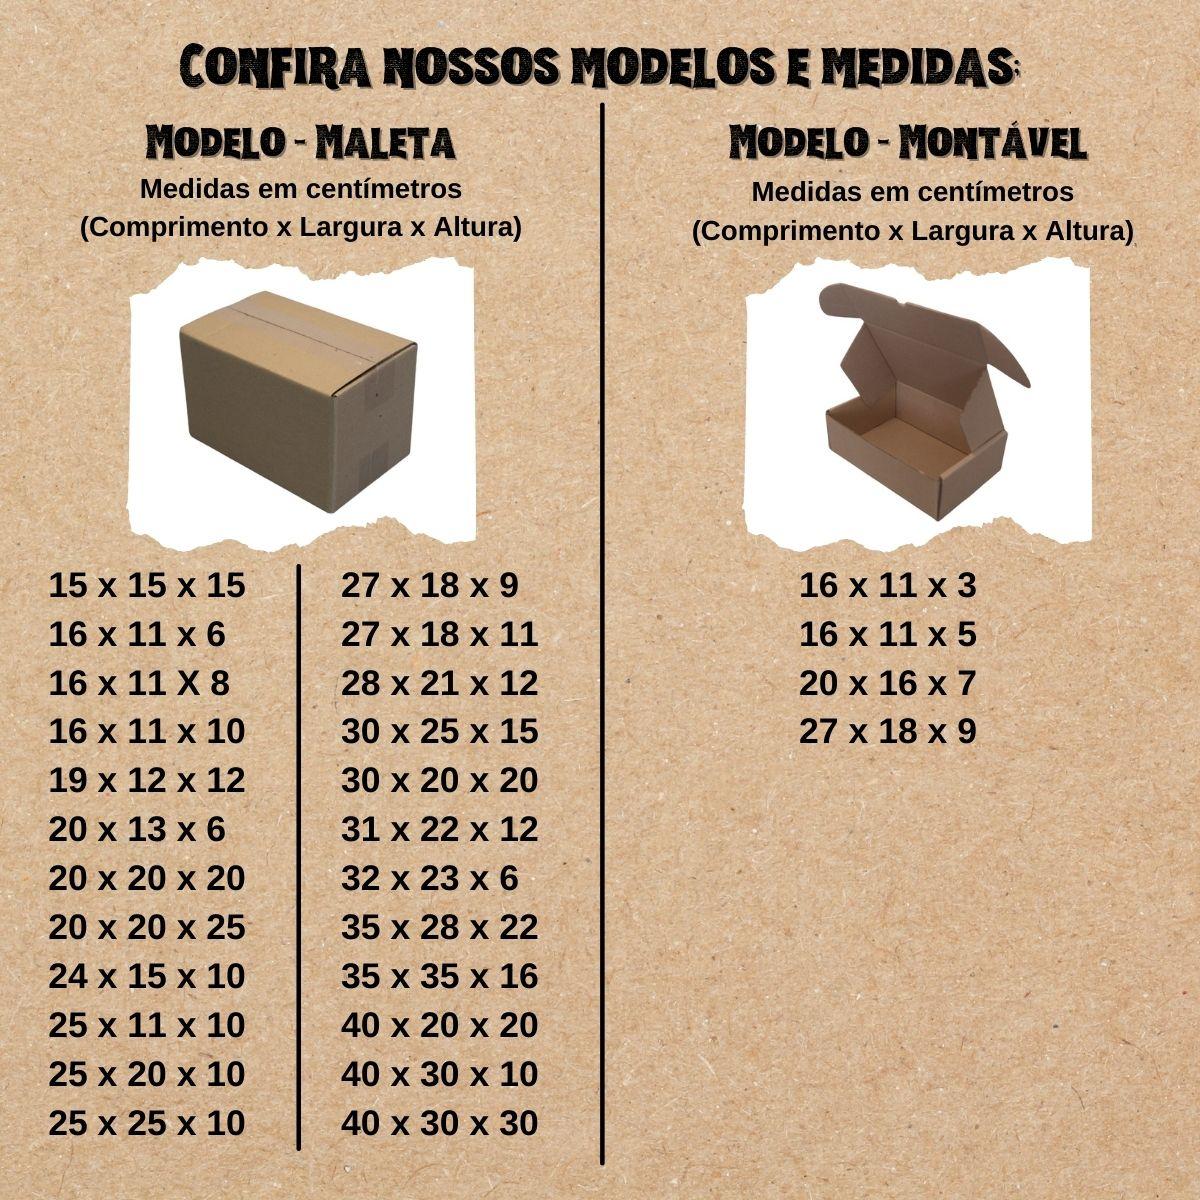 10 Caixas de Papelao (40X30X10)cm - Sedex / Pac / Correios